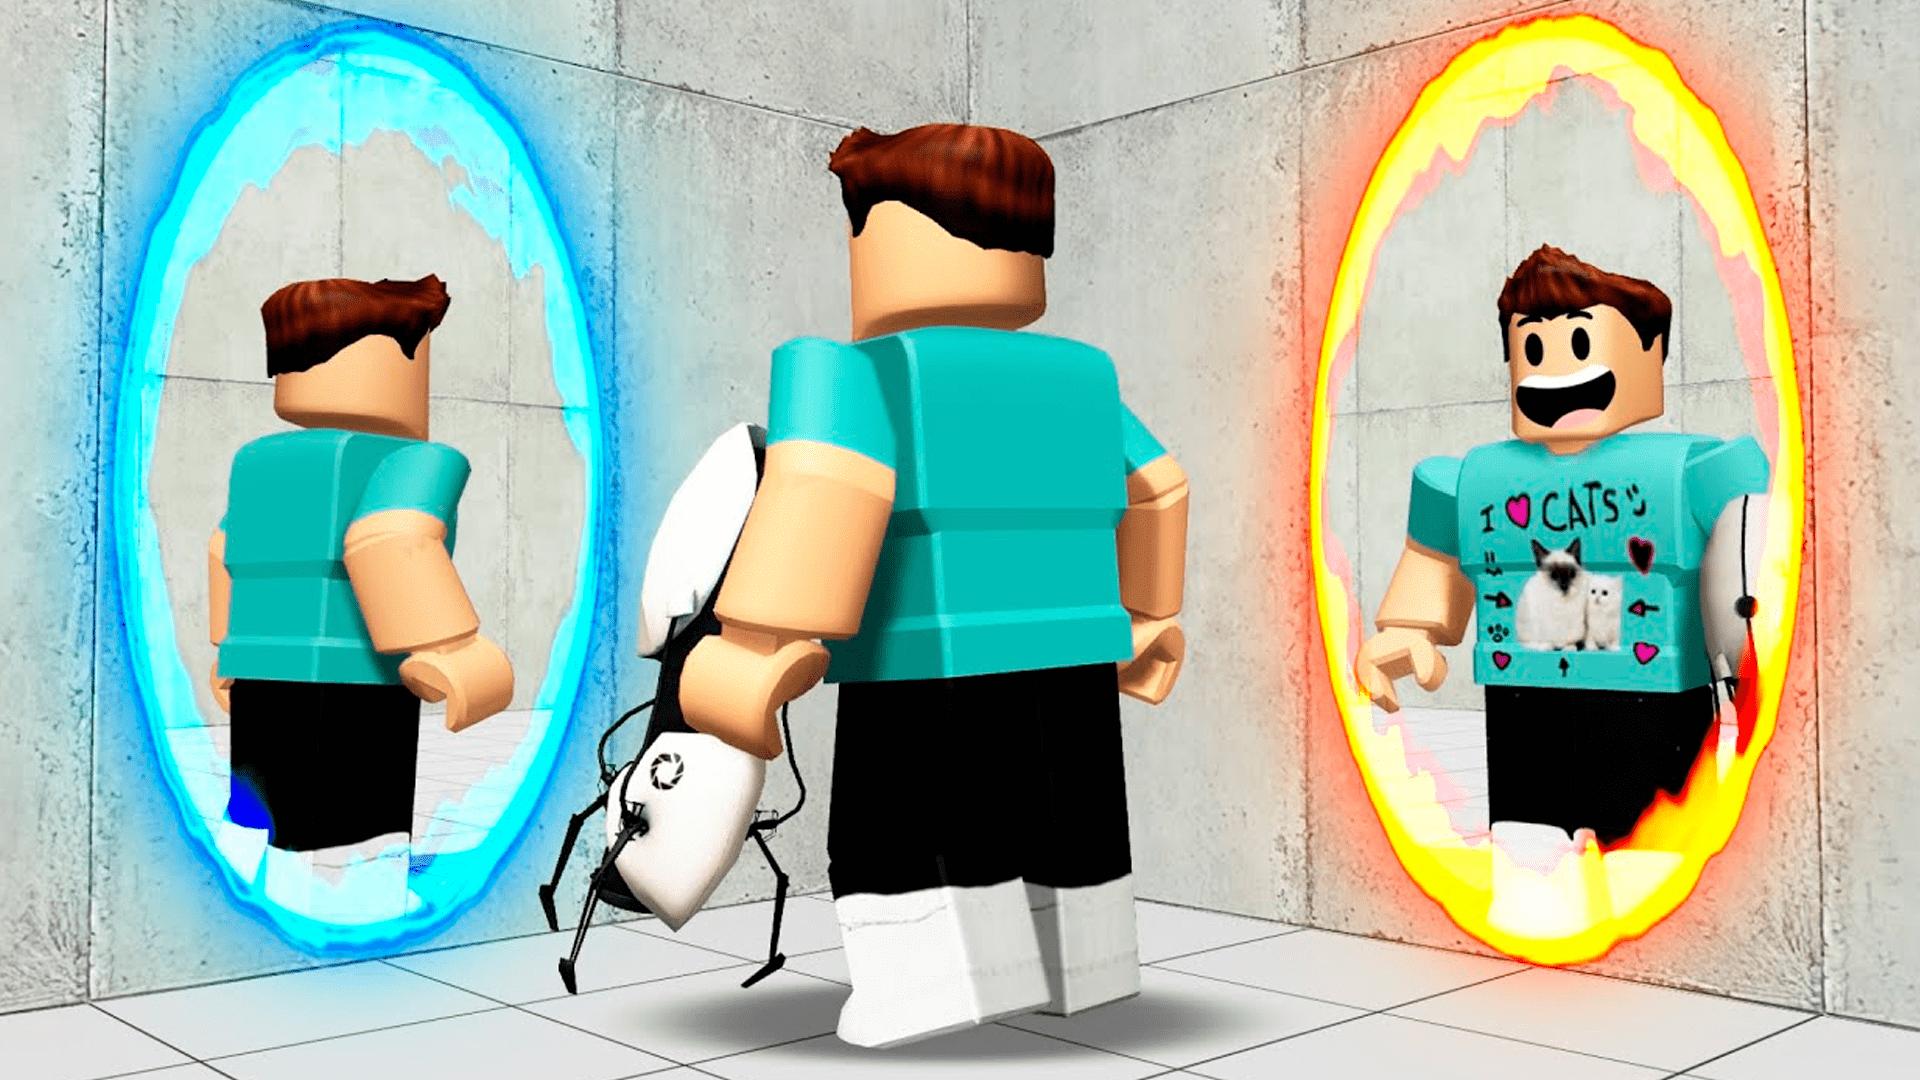 Existe uma versão do clássico Portal para o Roblox (Foto: Divulgação/Roblox)